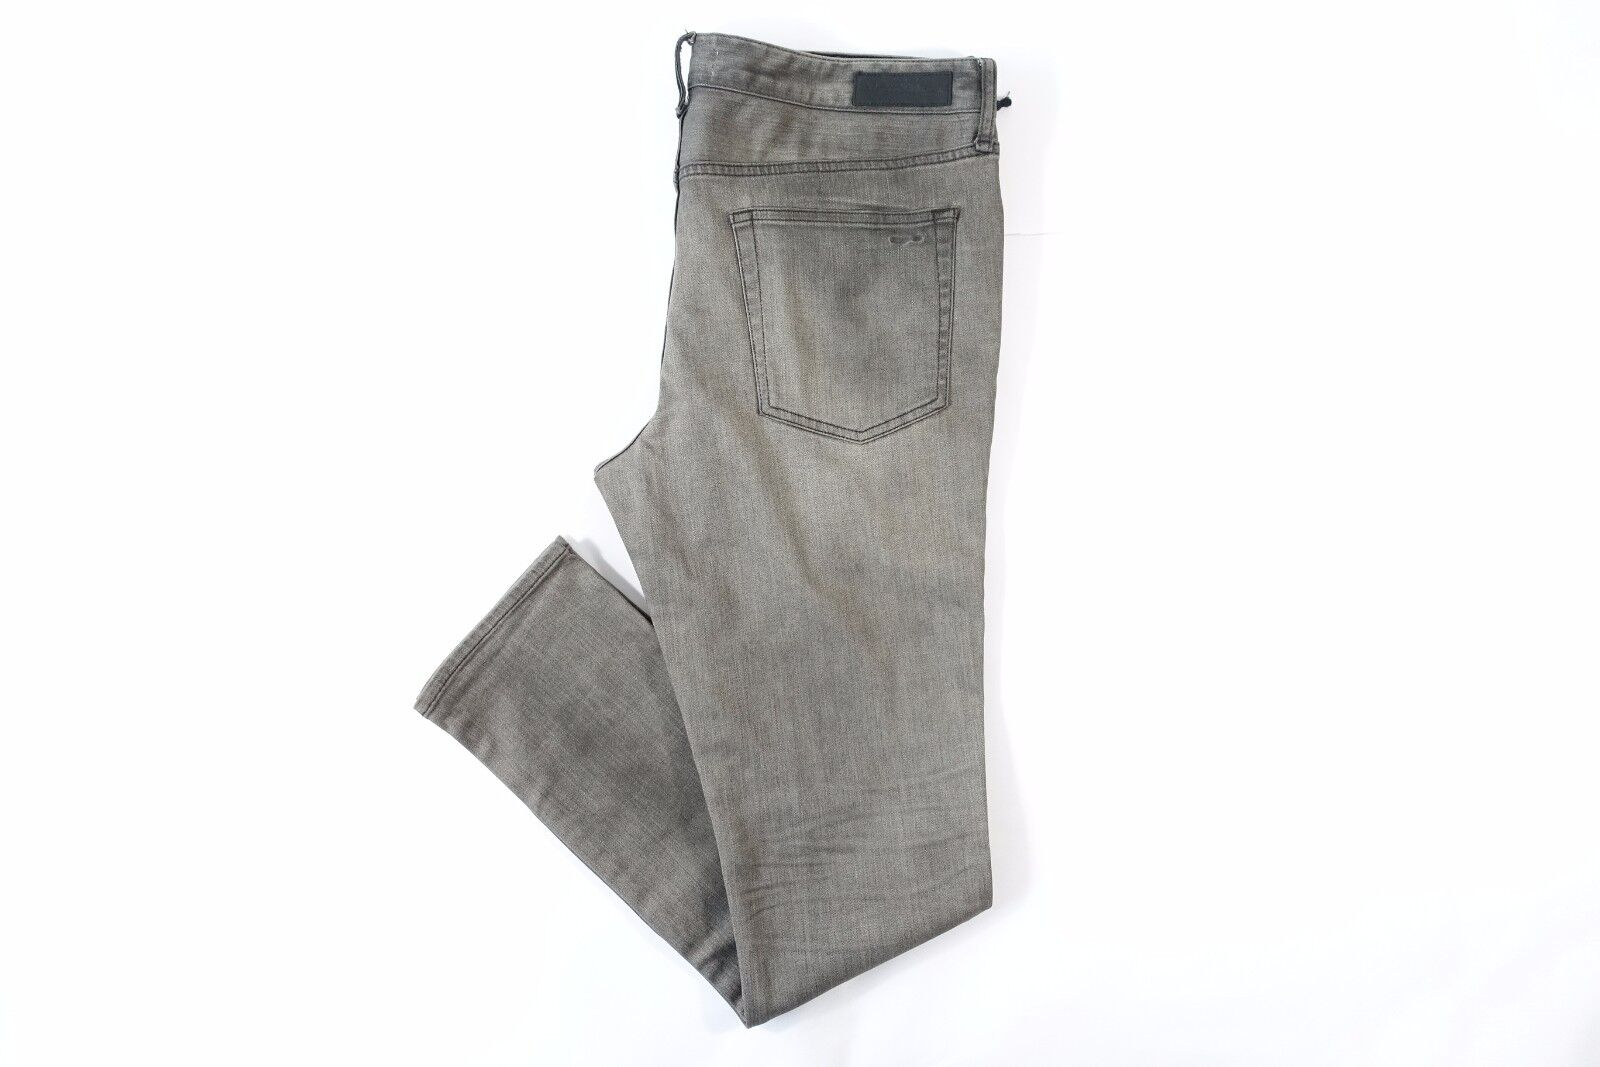 grauwire New York Grau 36 Enges Bein Garvey Hose Jeans Herren Nwt Neu  | Fuxin  | Großer Räumungsverkauf  | Moderate Kosten